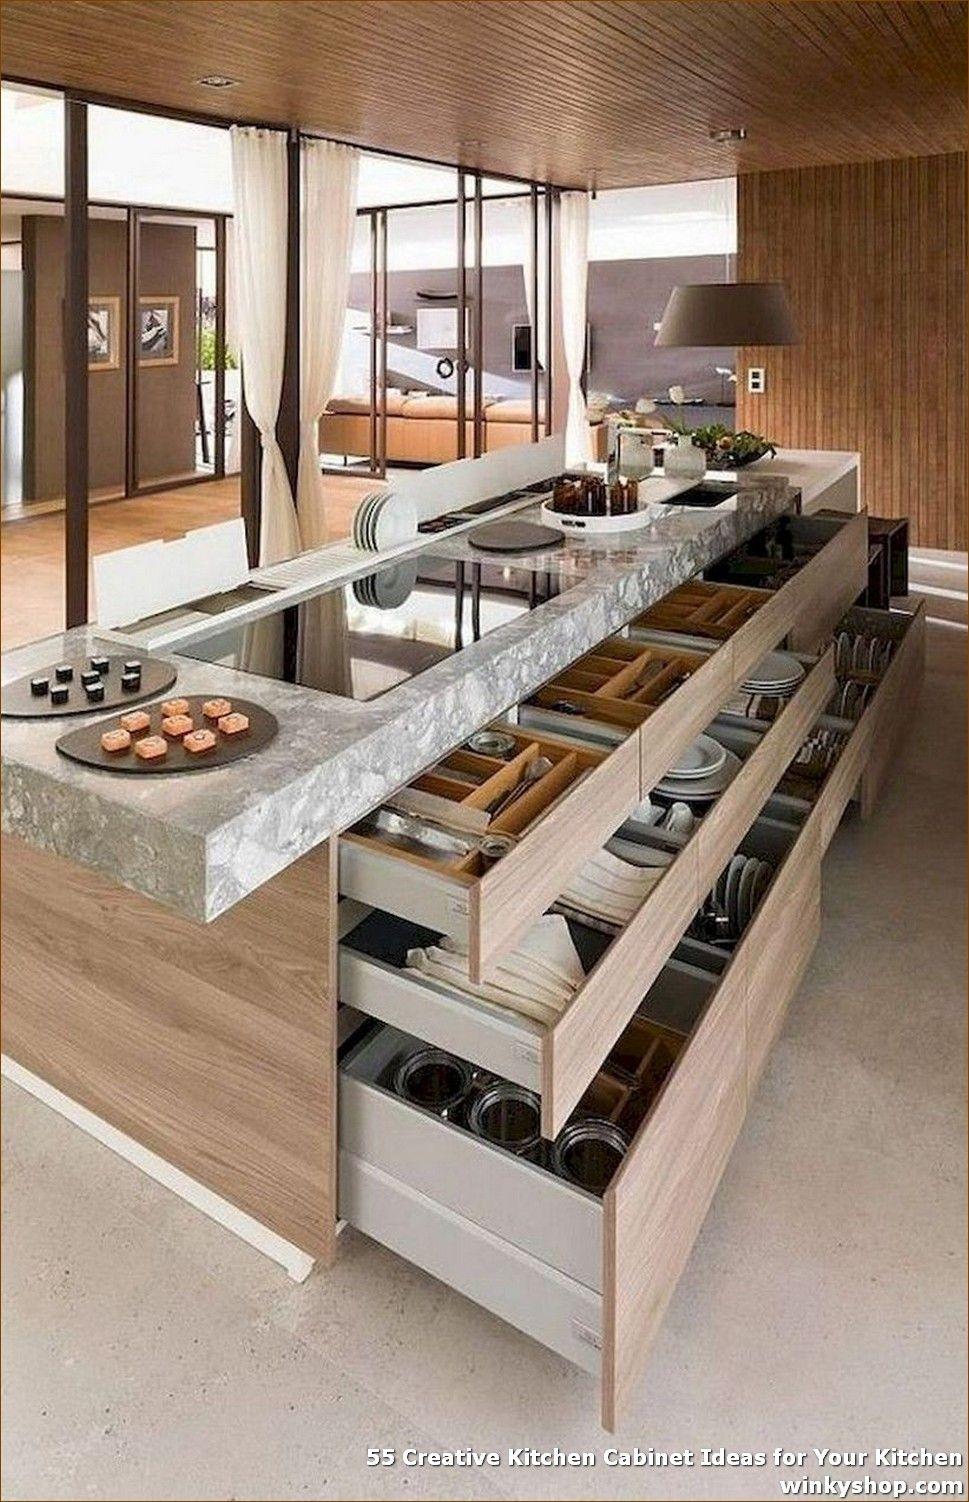 55 Creative Kitchen Cabinet Ideas For Your Kitchen Luxury Kitchen Decor Modern Kitchen Island Kitchen Design Small